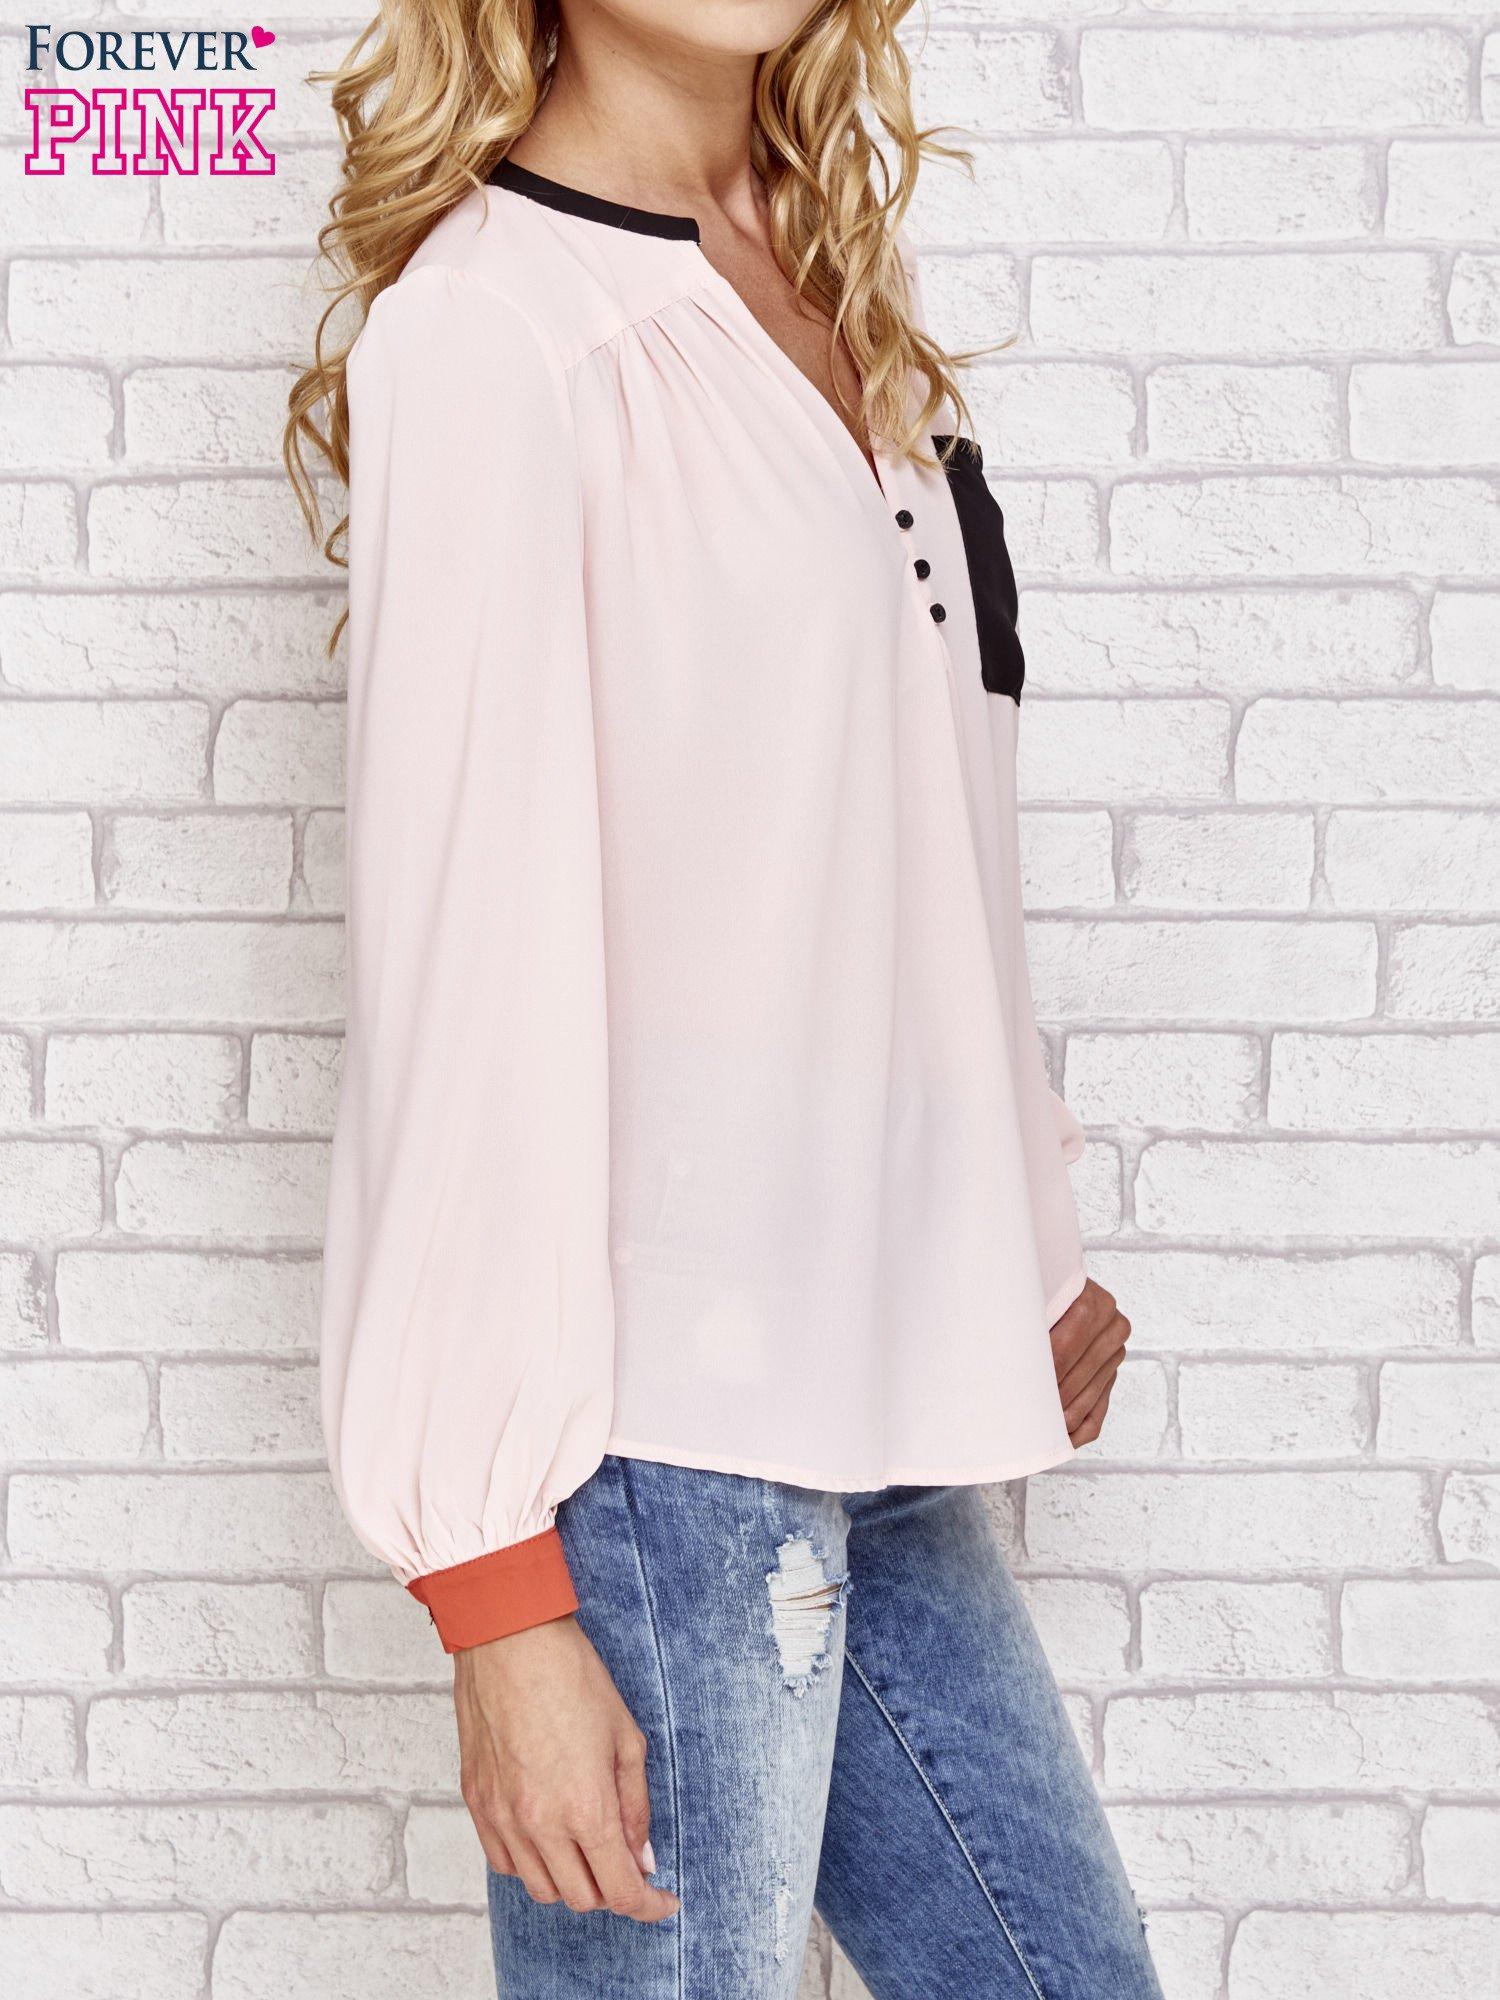 Różowa koszula z kontrastową kieszenią i mankietami                                  zdj.                                  3